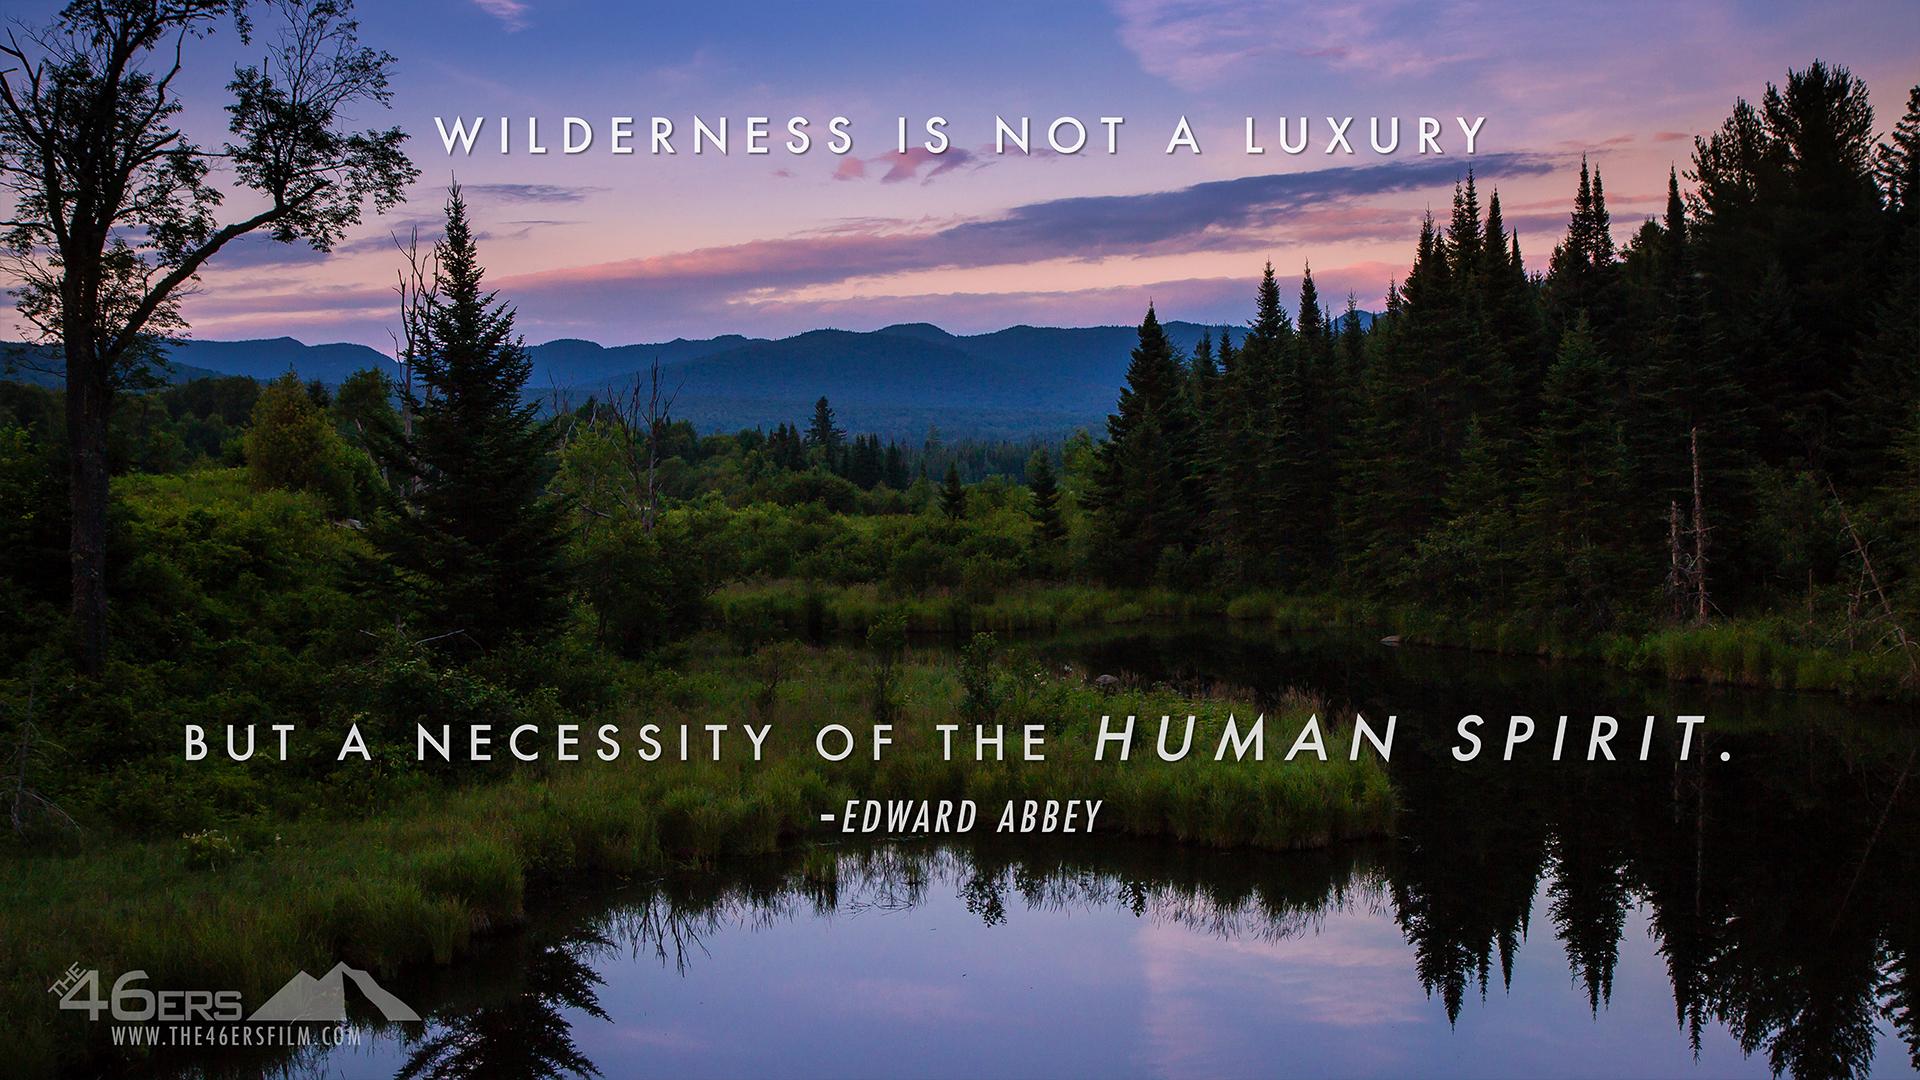 wildernessquote watermarked.jpg